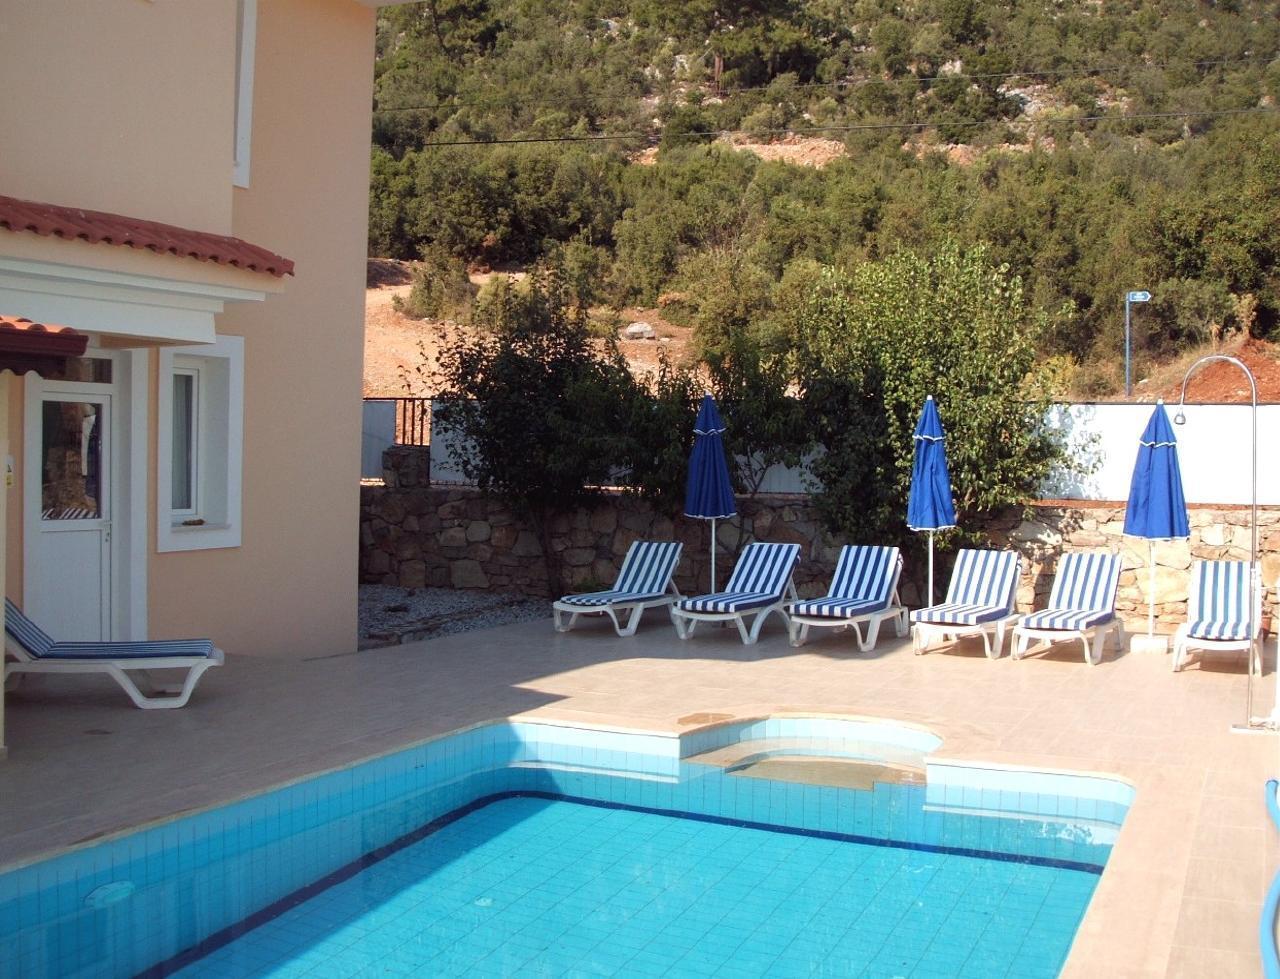 Ferienhaus Vacation Villa Kadyanda + Gym (364958), Fethiye, , Ägäisregion, Türkei, Bild 20